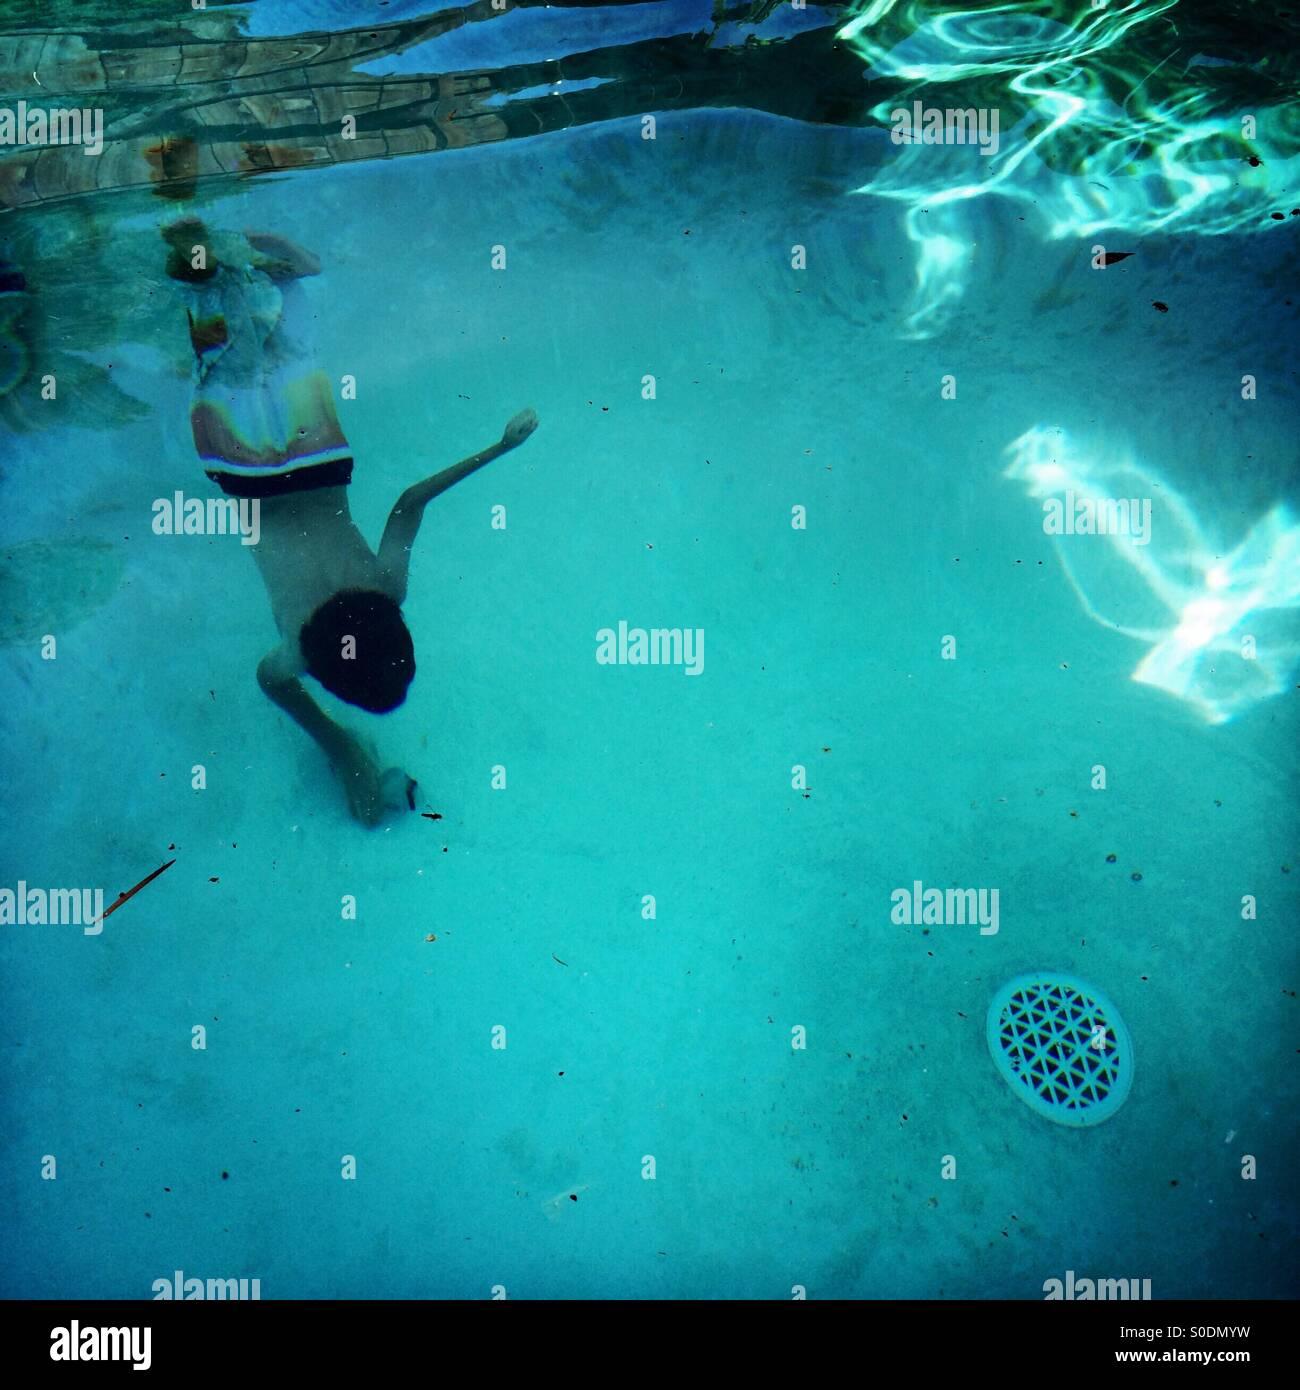 Un garçon de sept ans plongées dans l'fond d'une piscine d'obtenir son masque de plongée. Photo Stock